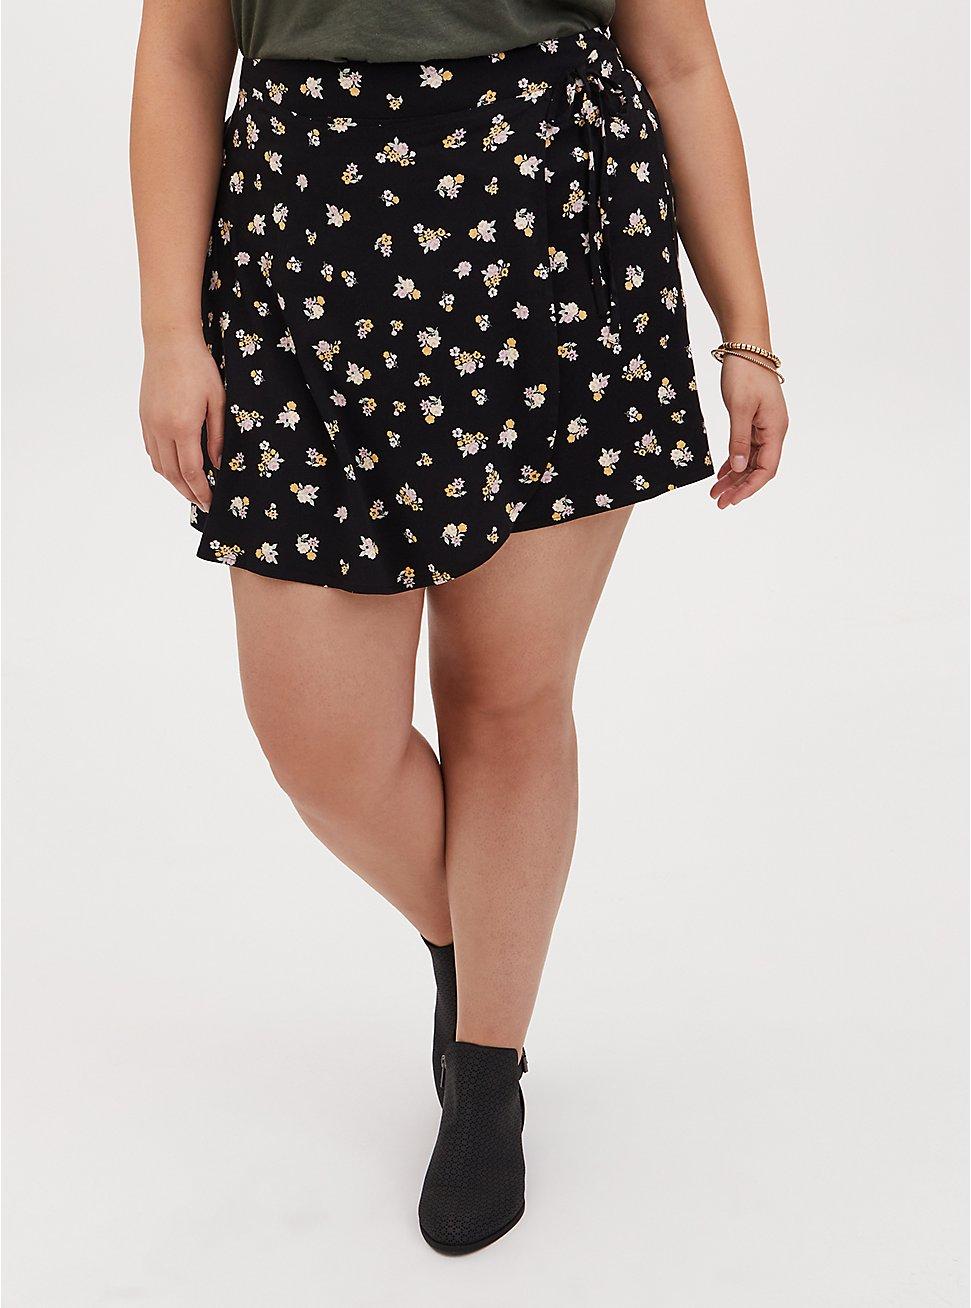 Black Ditsy Floral Challis Skort , FLORALS-BLACK, hi-res